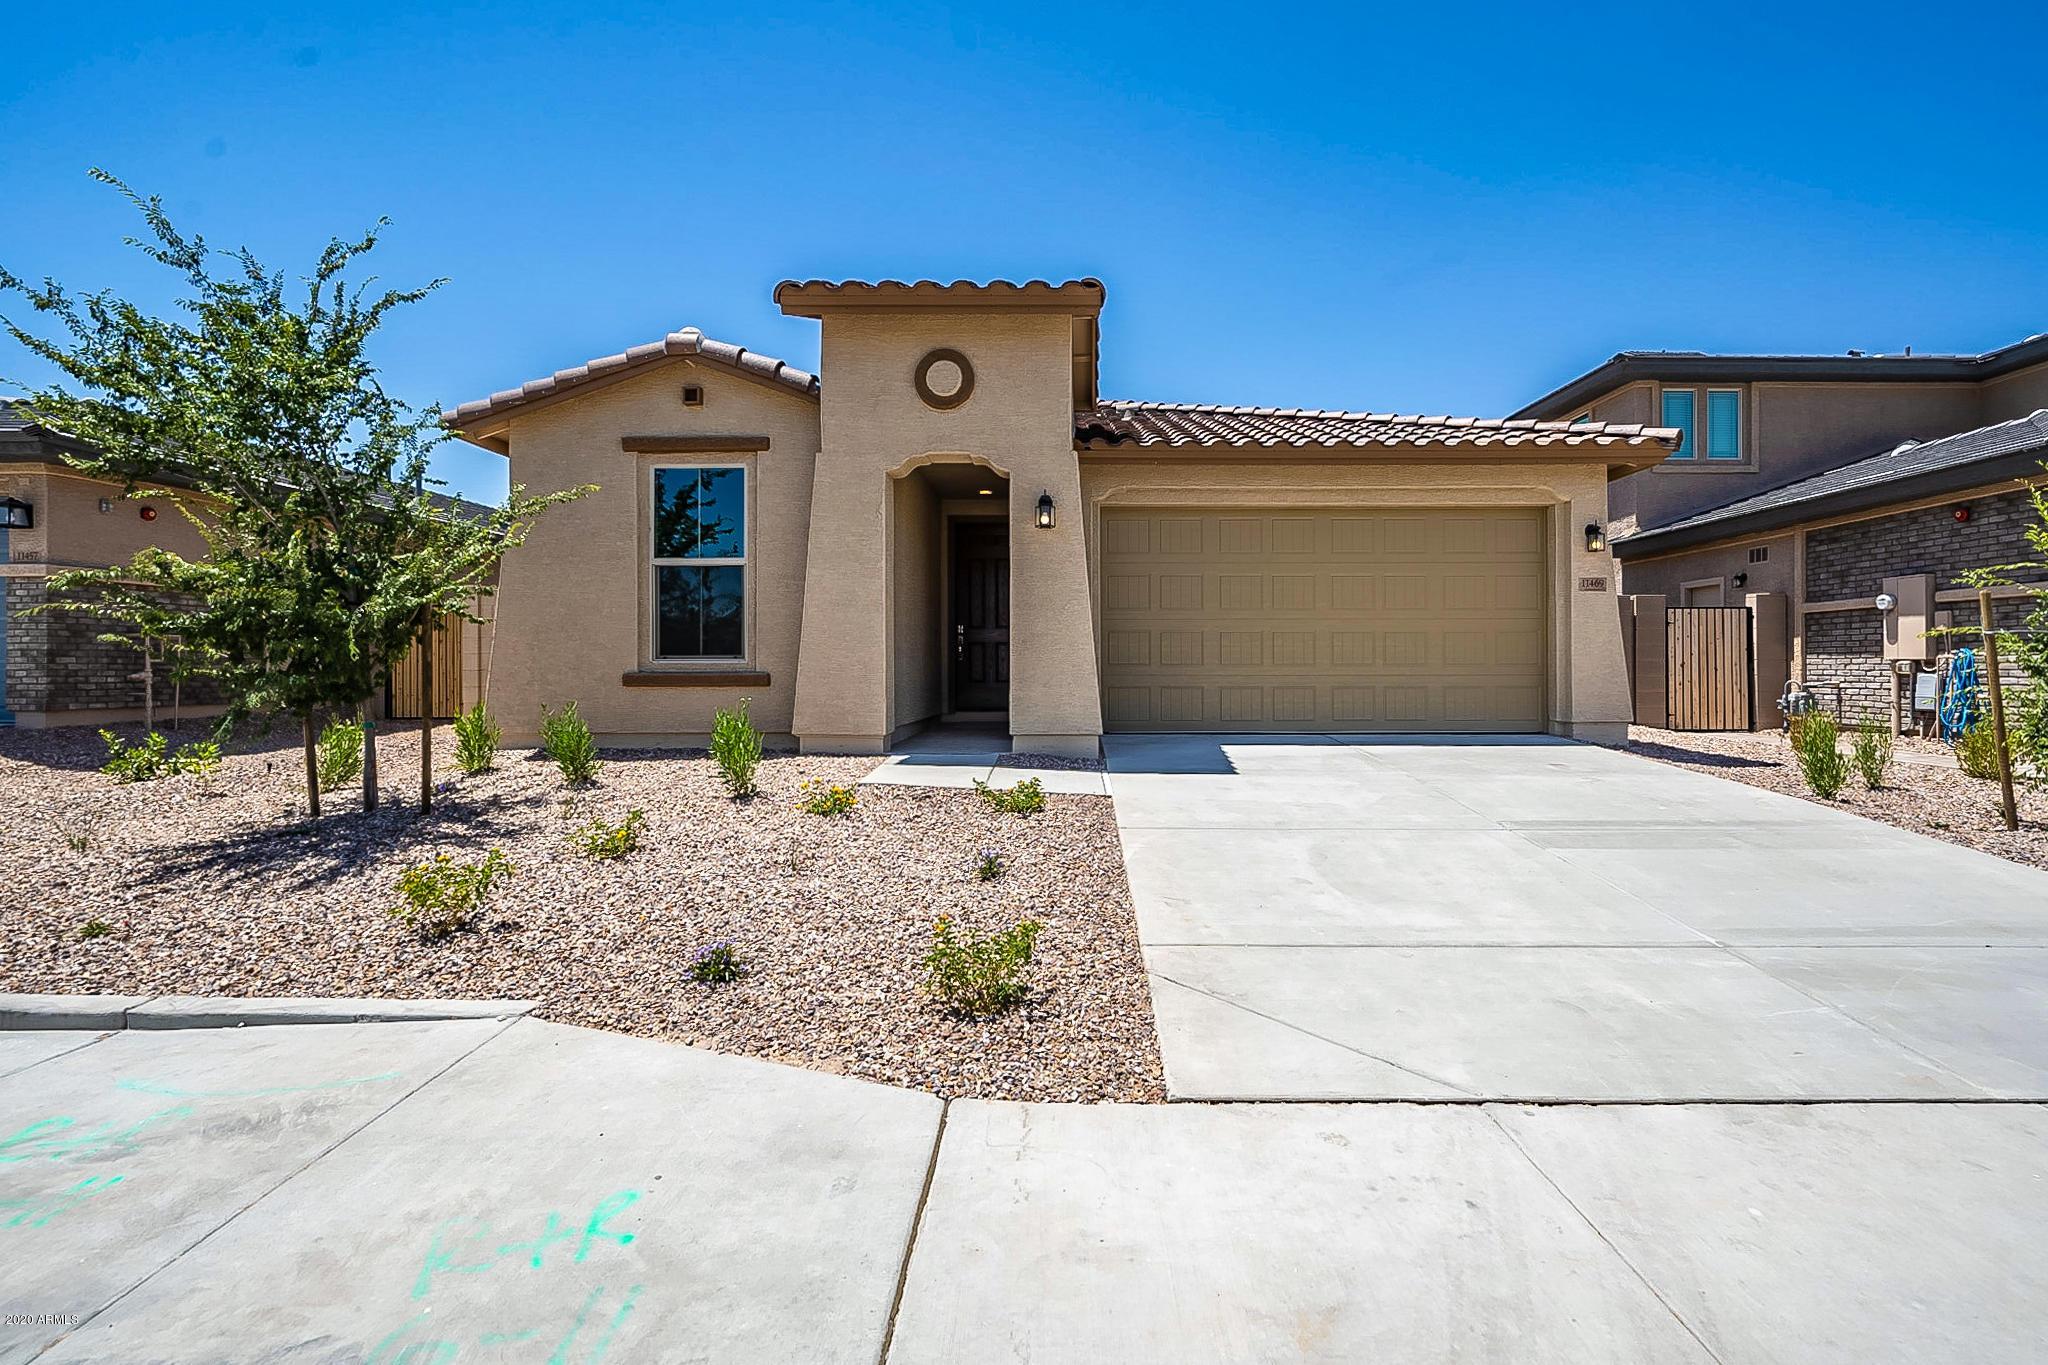 Photo of 11469 W NADINE Way, Peoria, AZ 85383